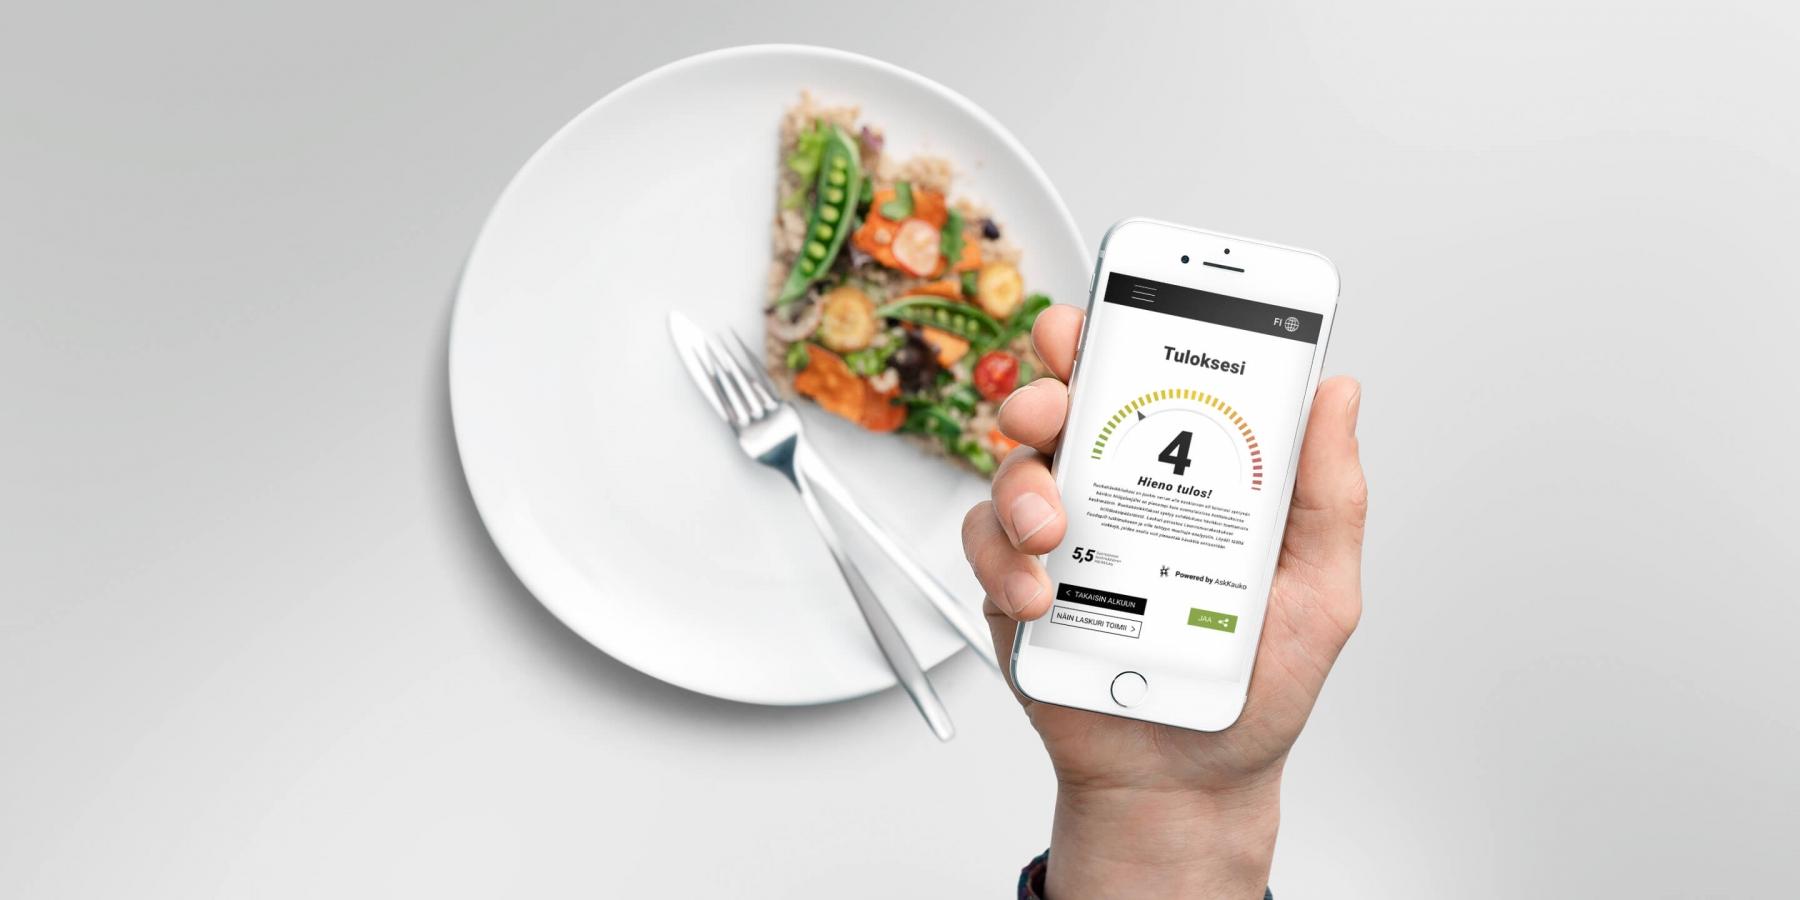 Lautasmalli auttaa hahmottamaan ruokahävikin määrän suomalaisissa kotitalouksissa